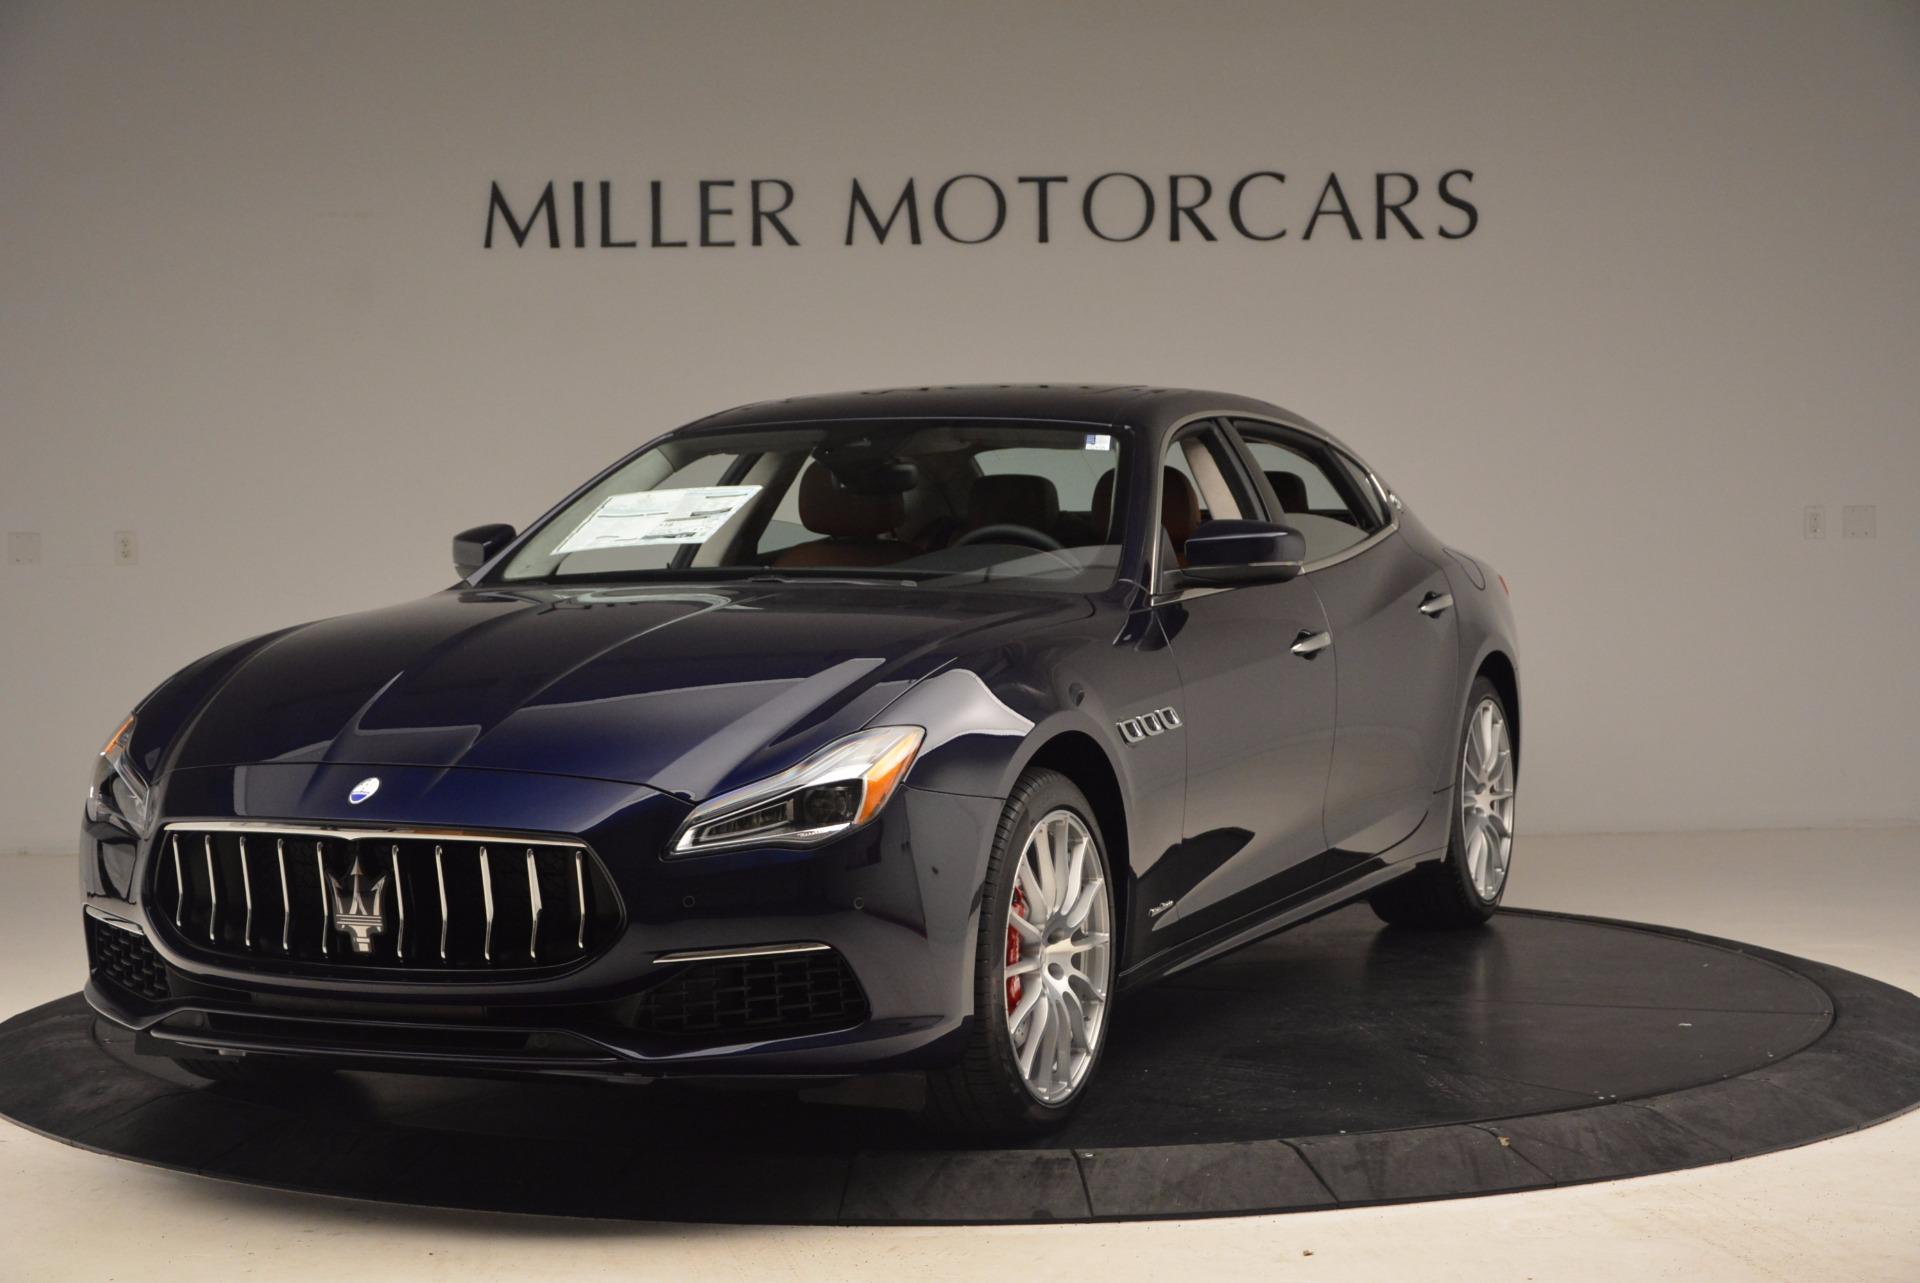 New 2018 Maserati Quattroporte S Q4 GranLusso For Sale In Greenwich, CT. Alfa Romeo of Greenwich, M1954 1700_main